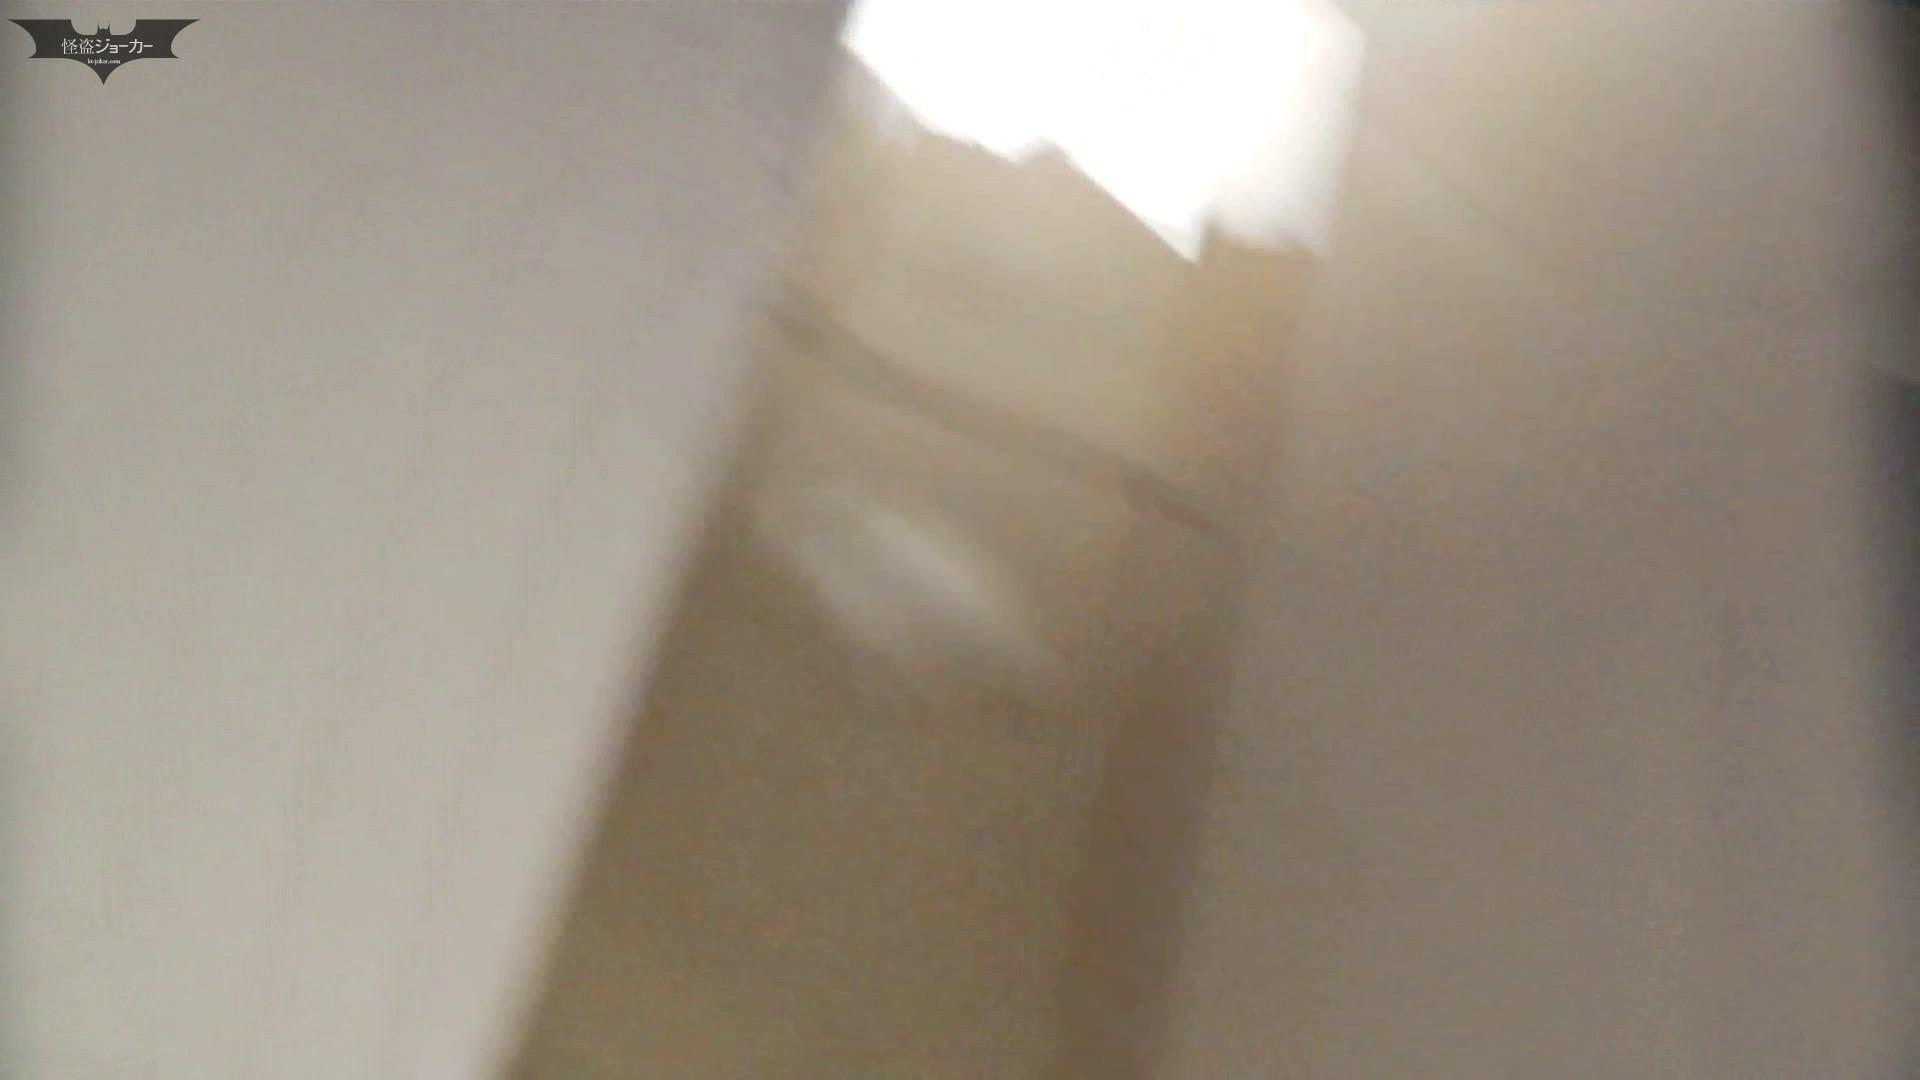 下からノゾム vol.015 これがいわゆる「タ・ラ・コ」唇ってやつですね。 高画質動画 おめこ無修正画像 43画像 41